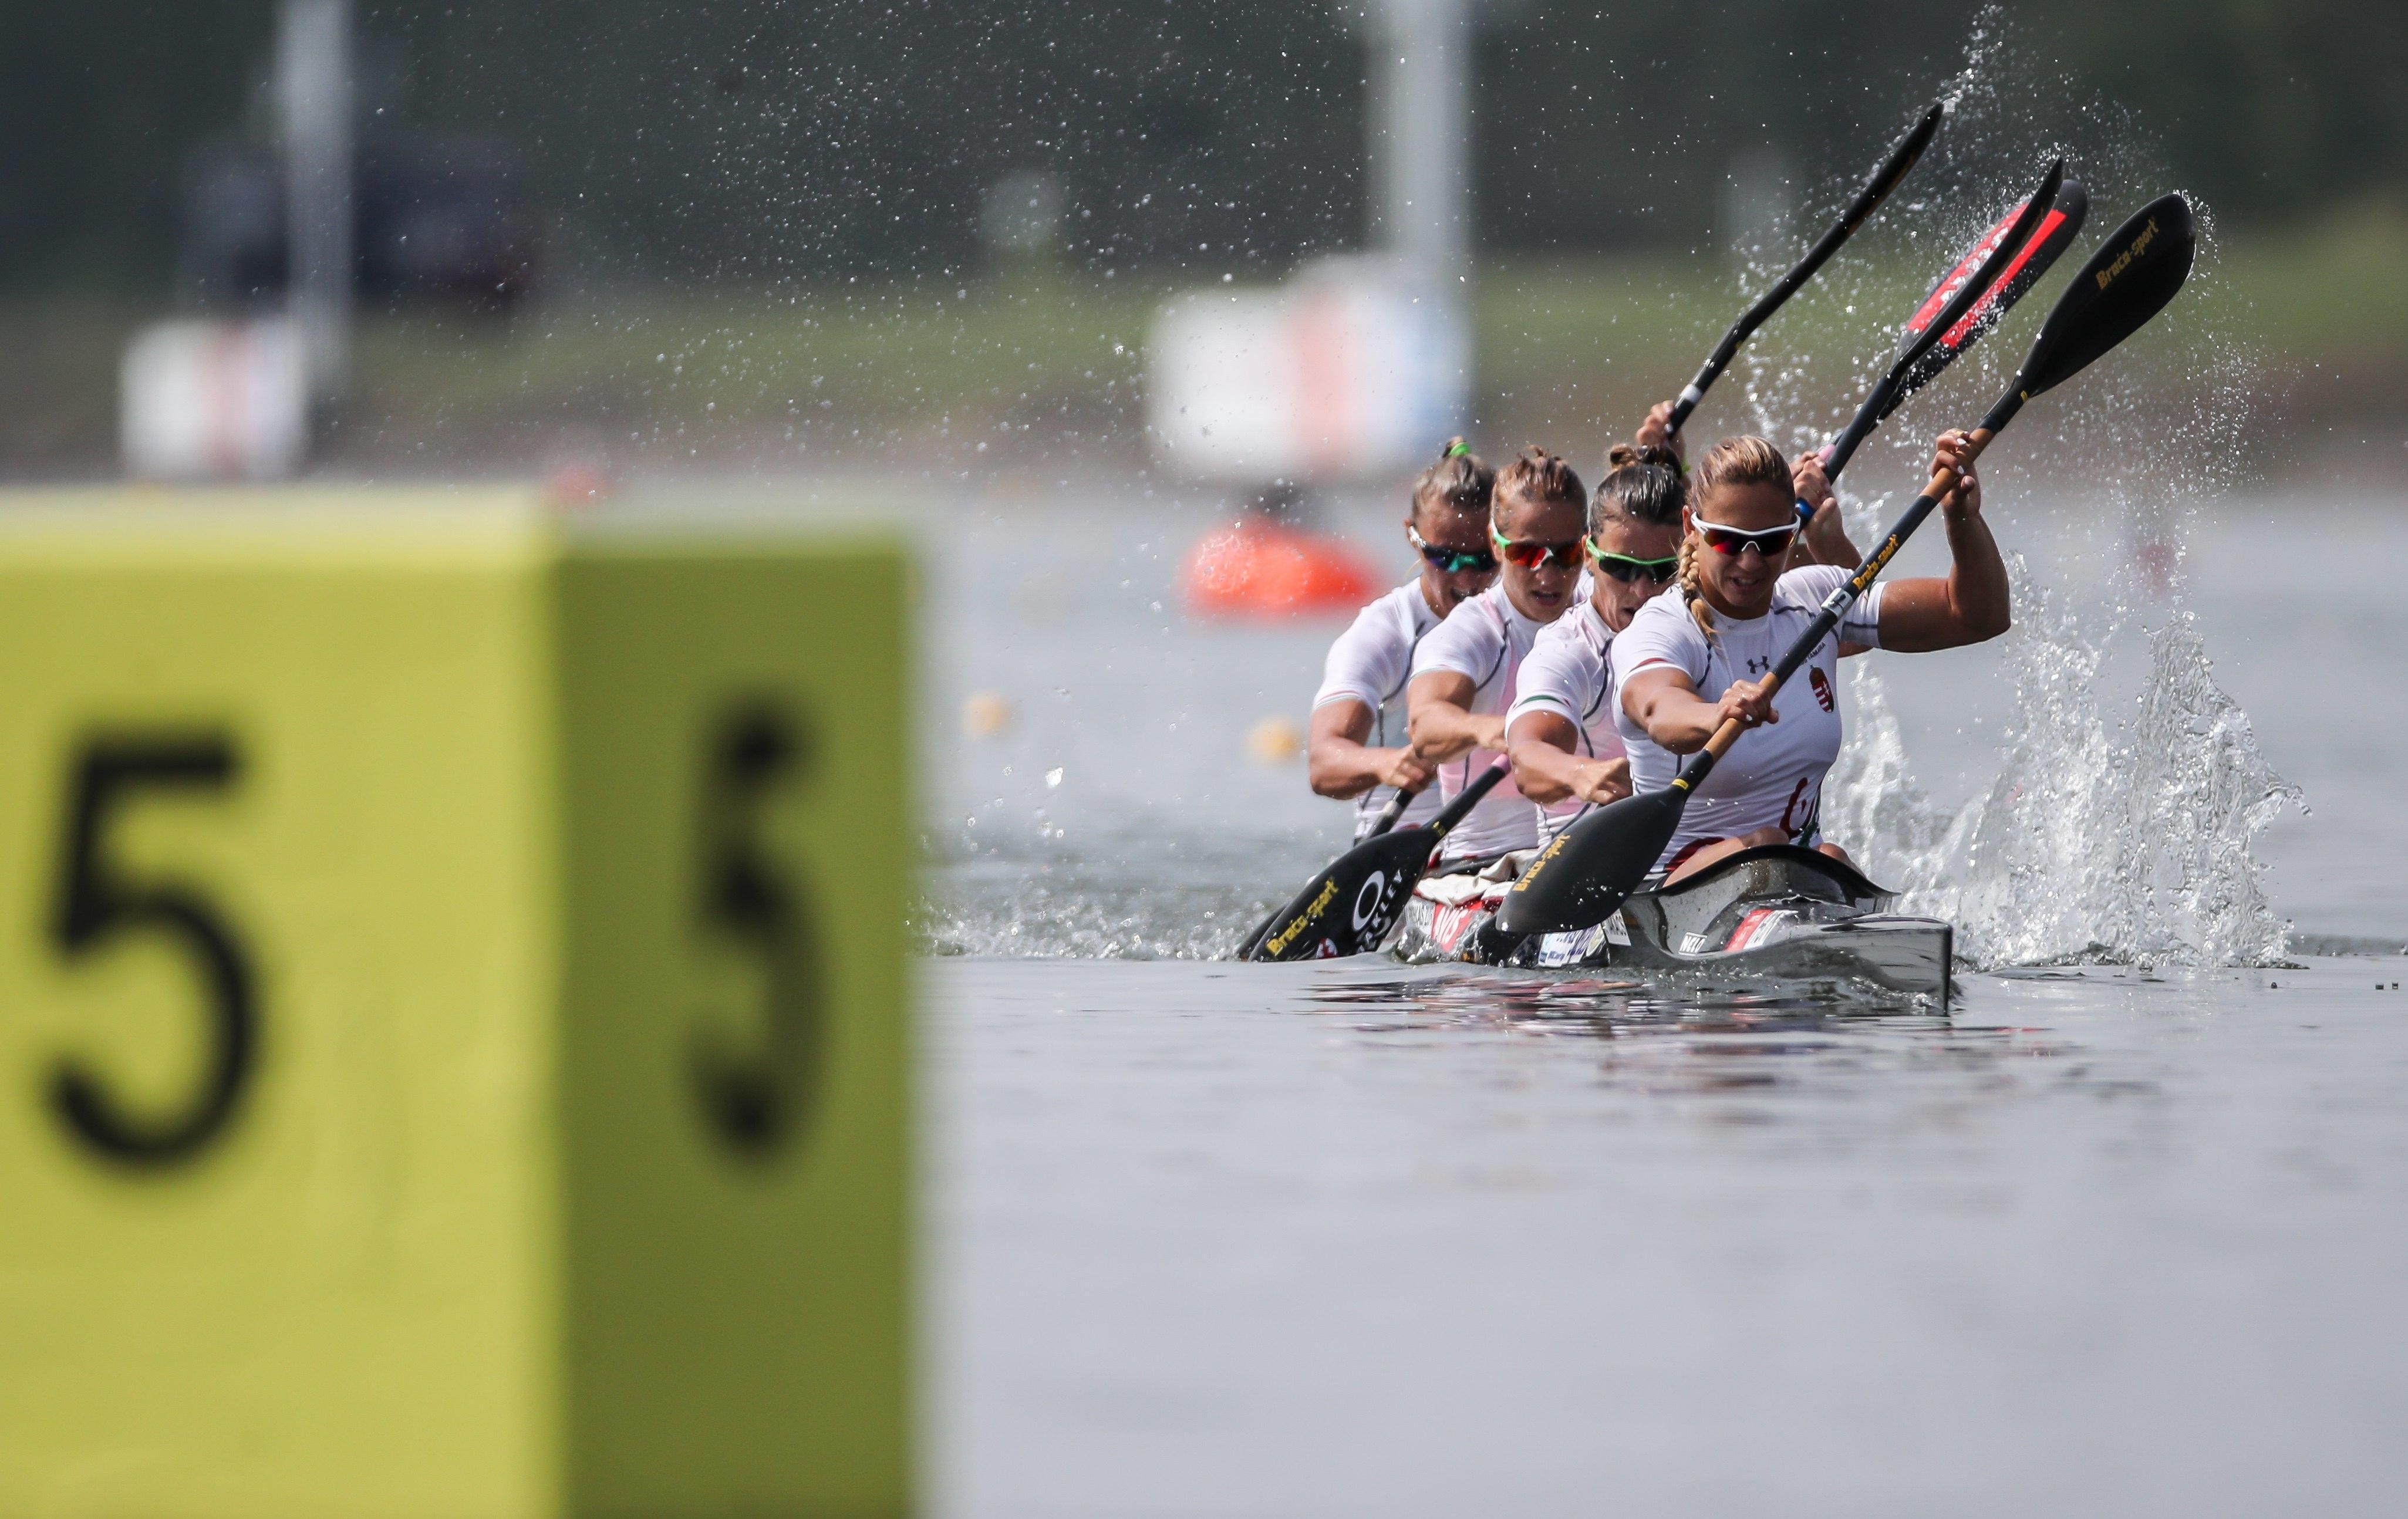 Portugal vence final B de K4 500 feminino nos mundiais de canoagem